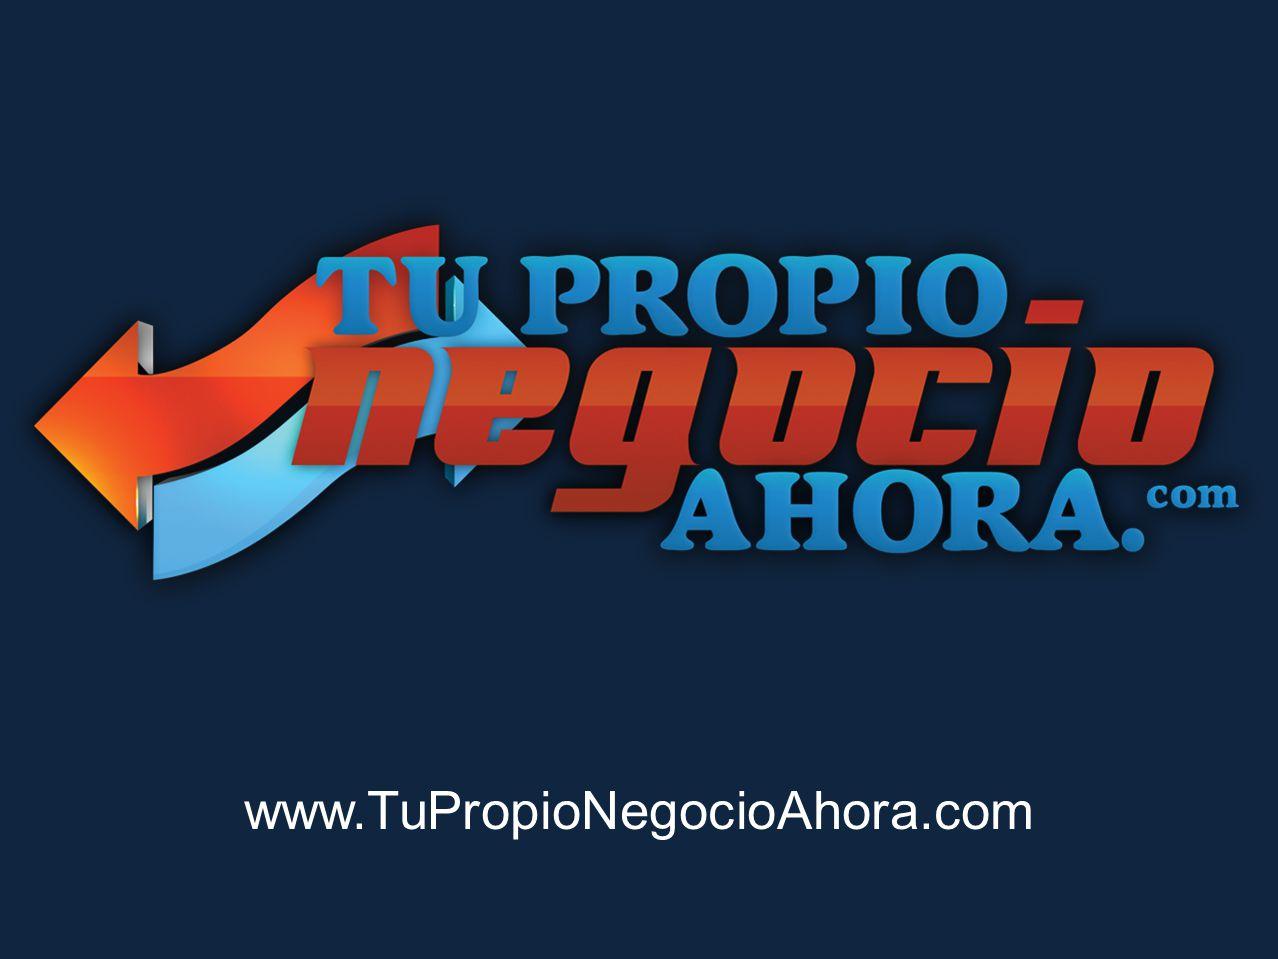 www.TuPropioNegocioAhora.com